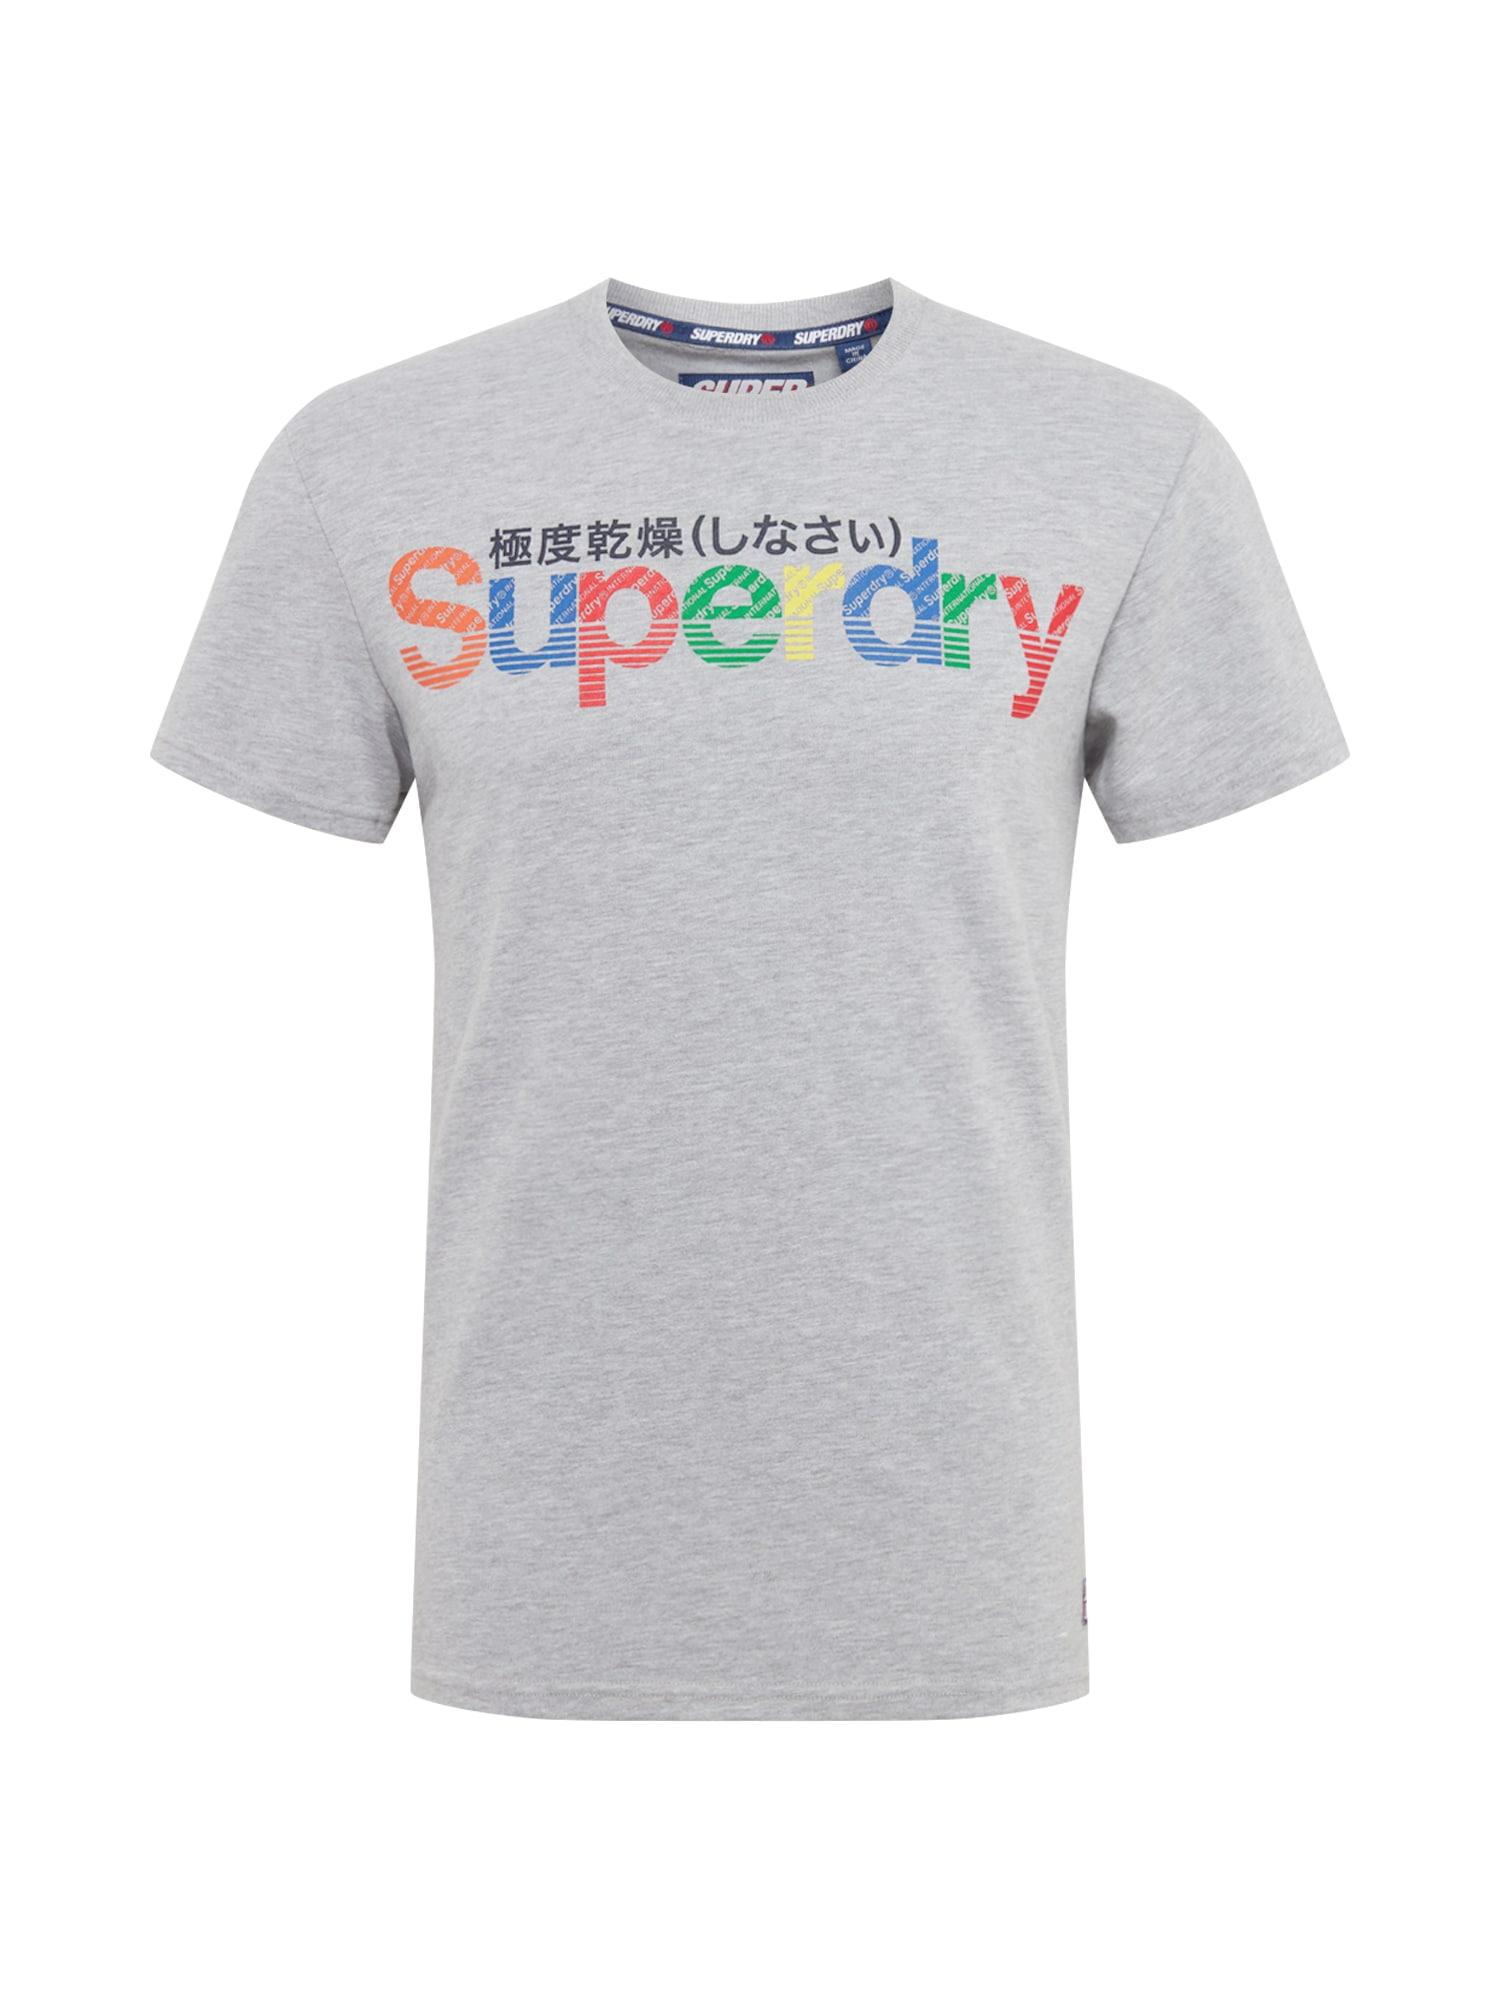 Tričko RETRO šedá mix barev Superdry